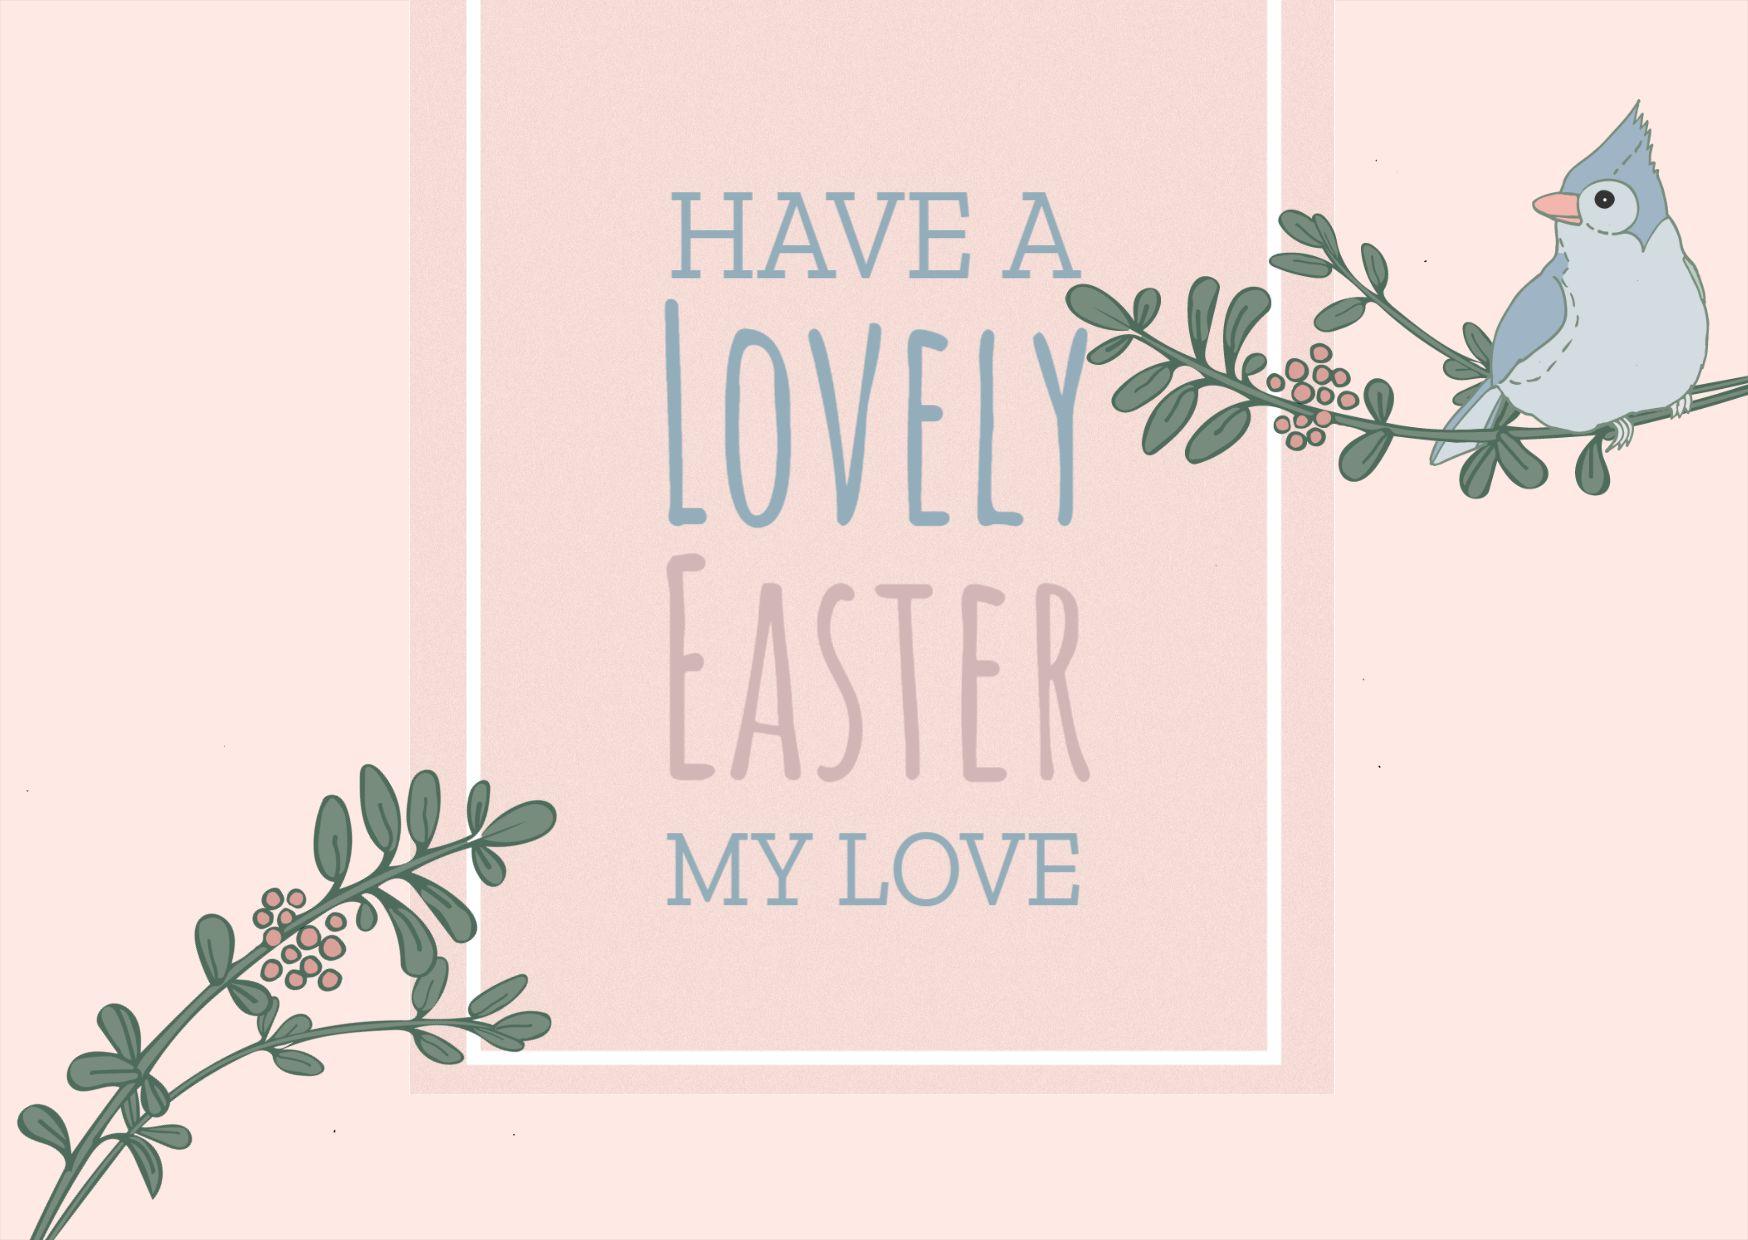 Birdie Easter Greeting Card Template